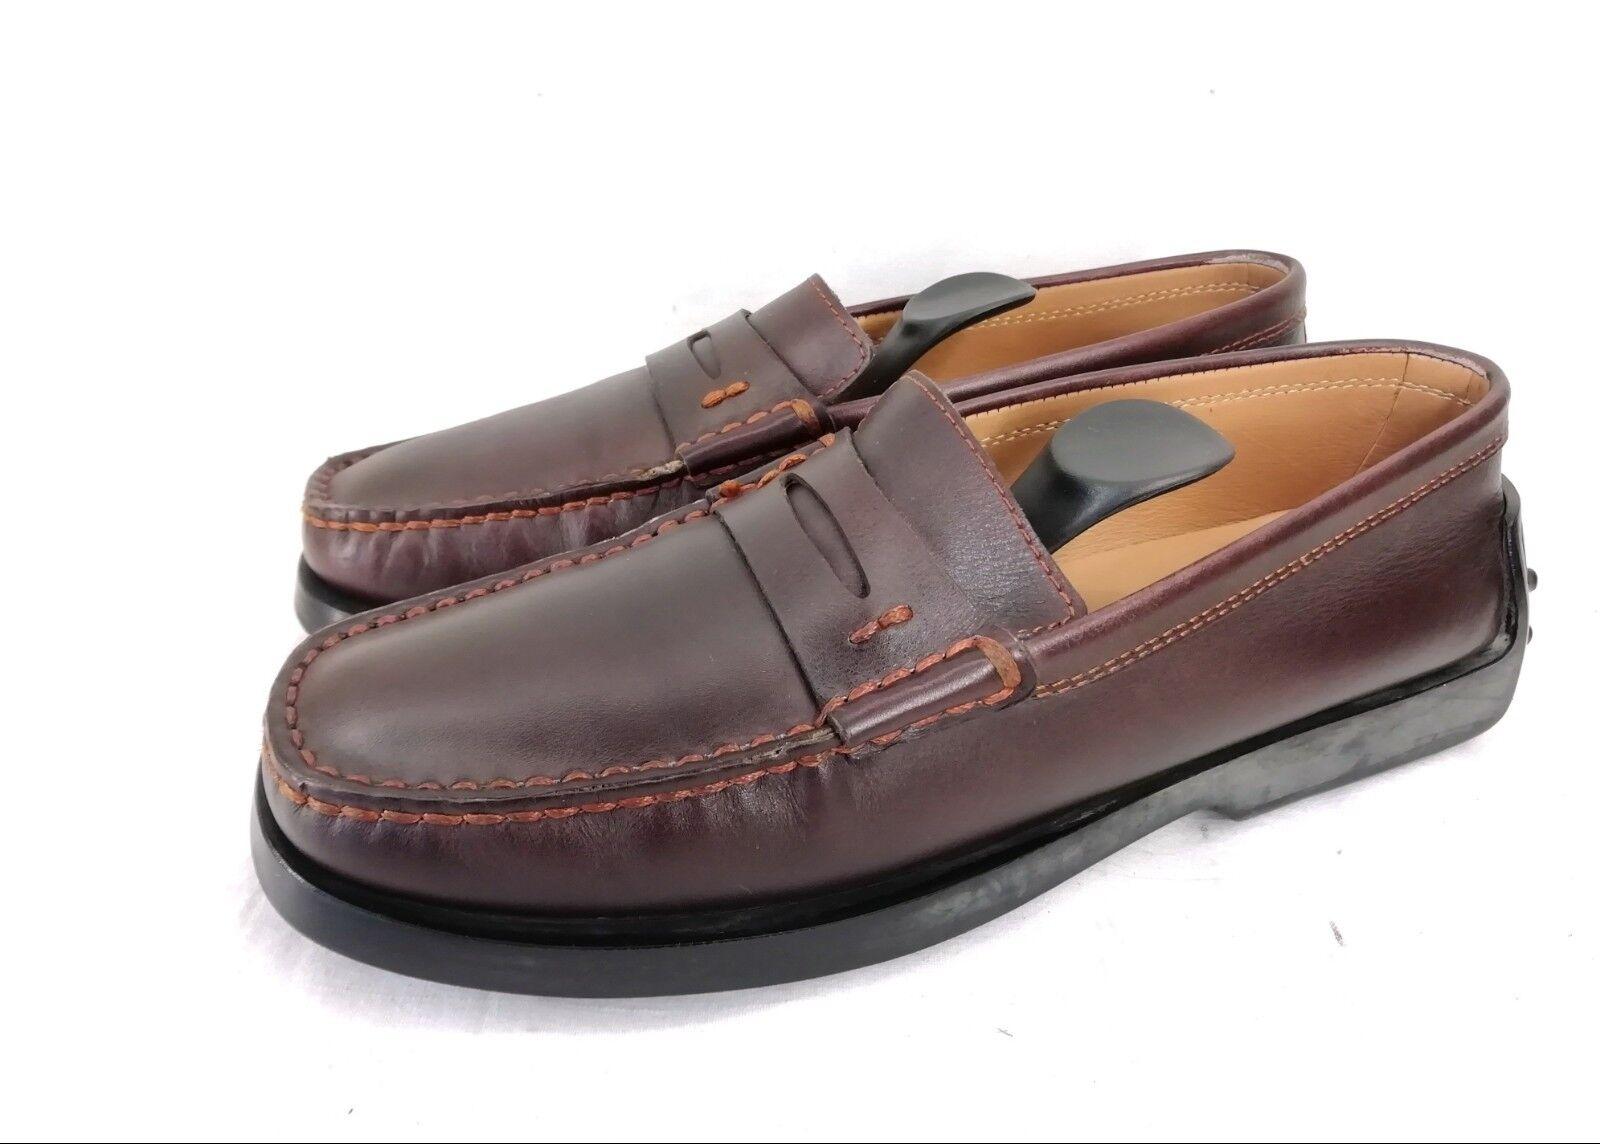 Tod's gommino Penny Penny Penny loafer mocasín zapatos señora zapatos cuero marrón talla 35,5 top estado  bienvenido a comprar